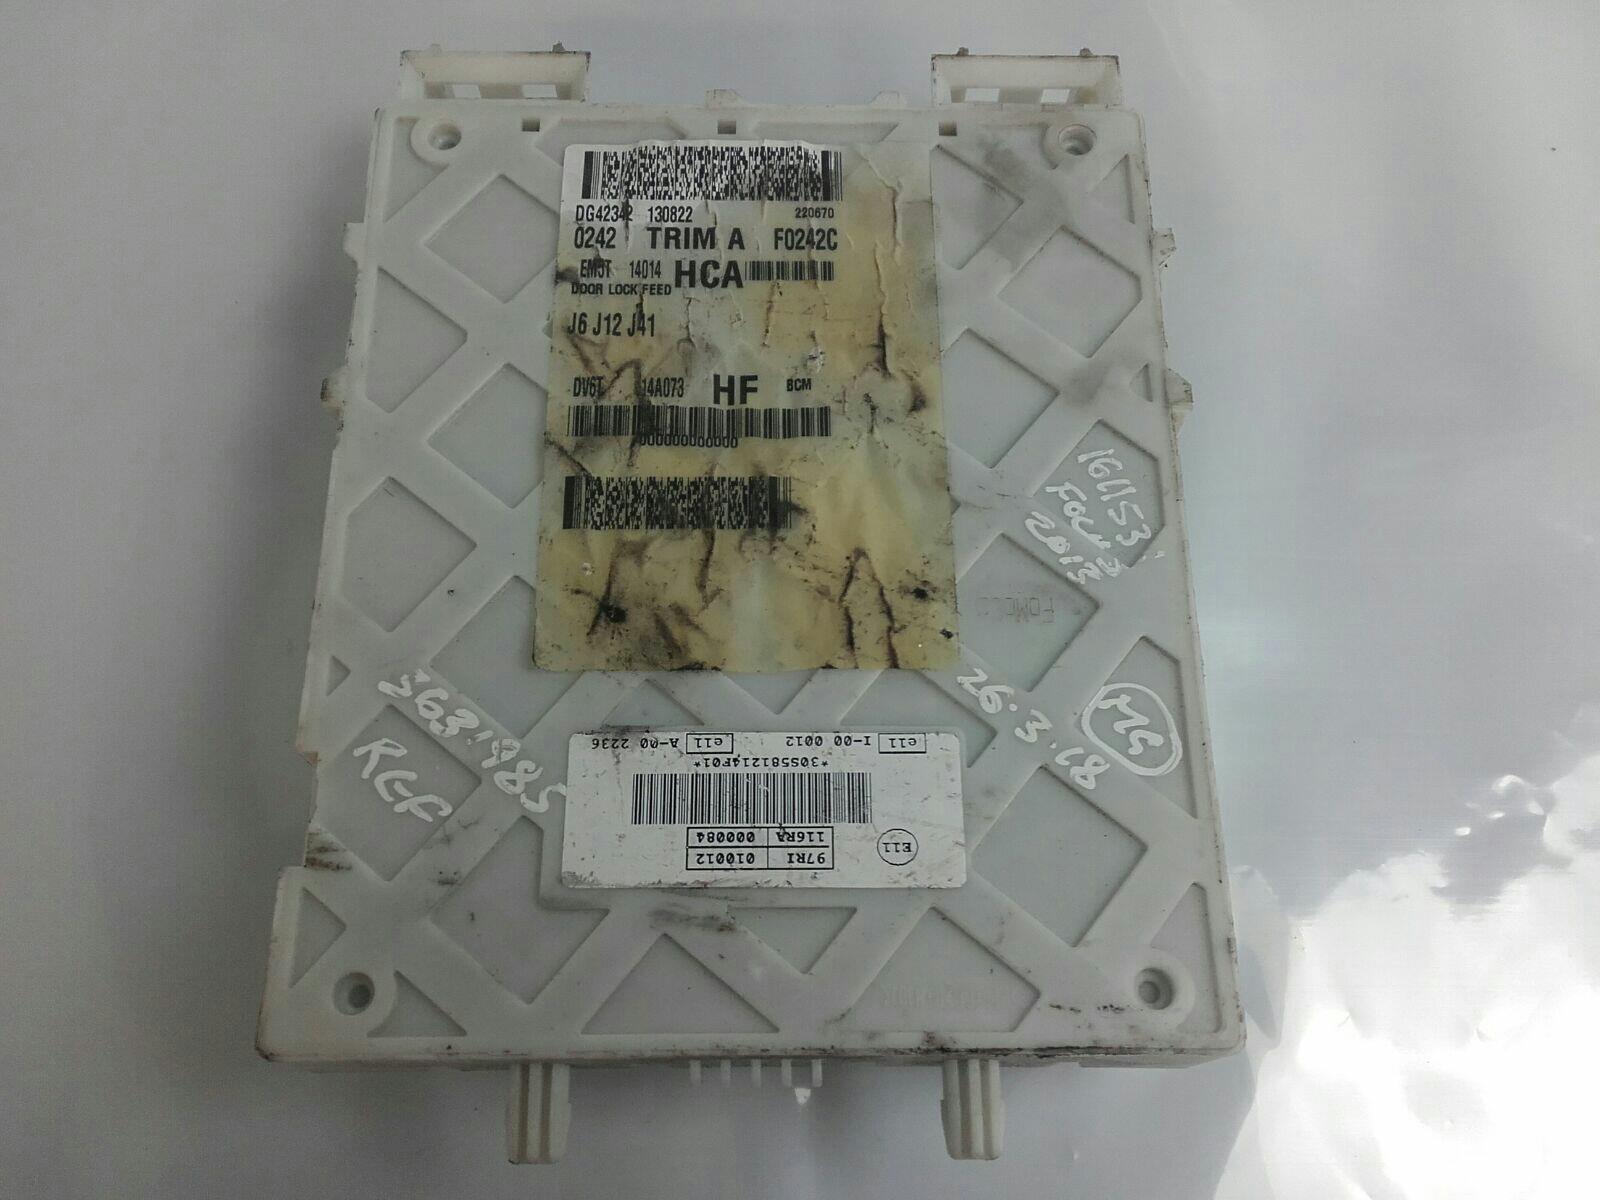 ford focus 2011 / 2014 - fuse box / relay board & warranty - 7322991